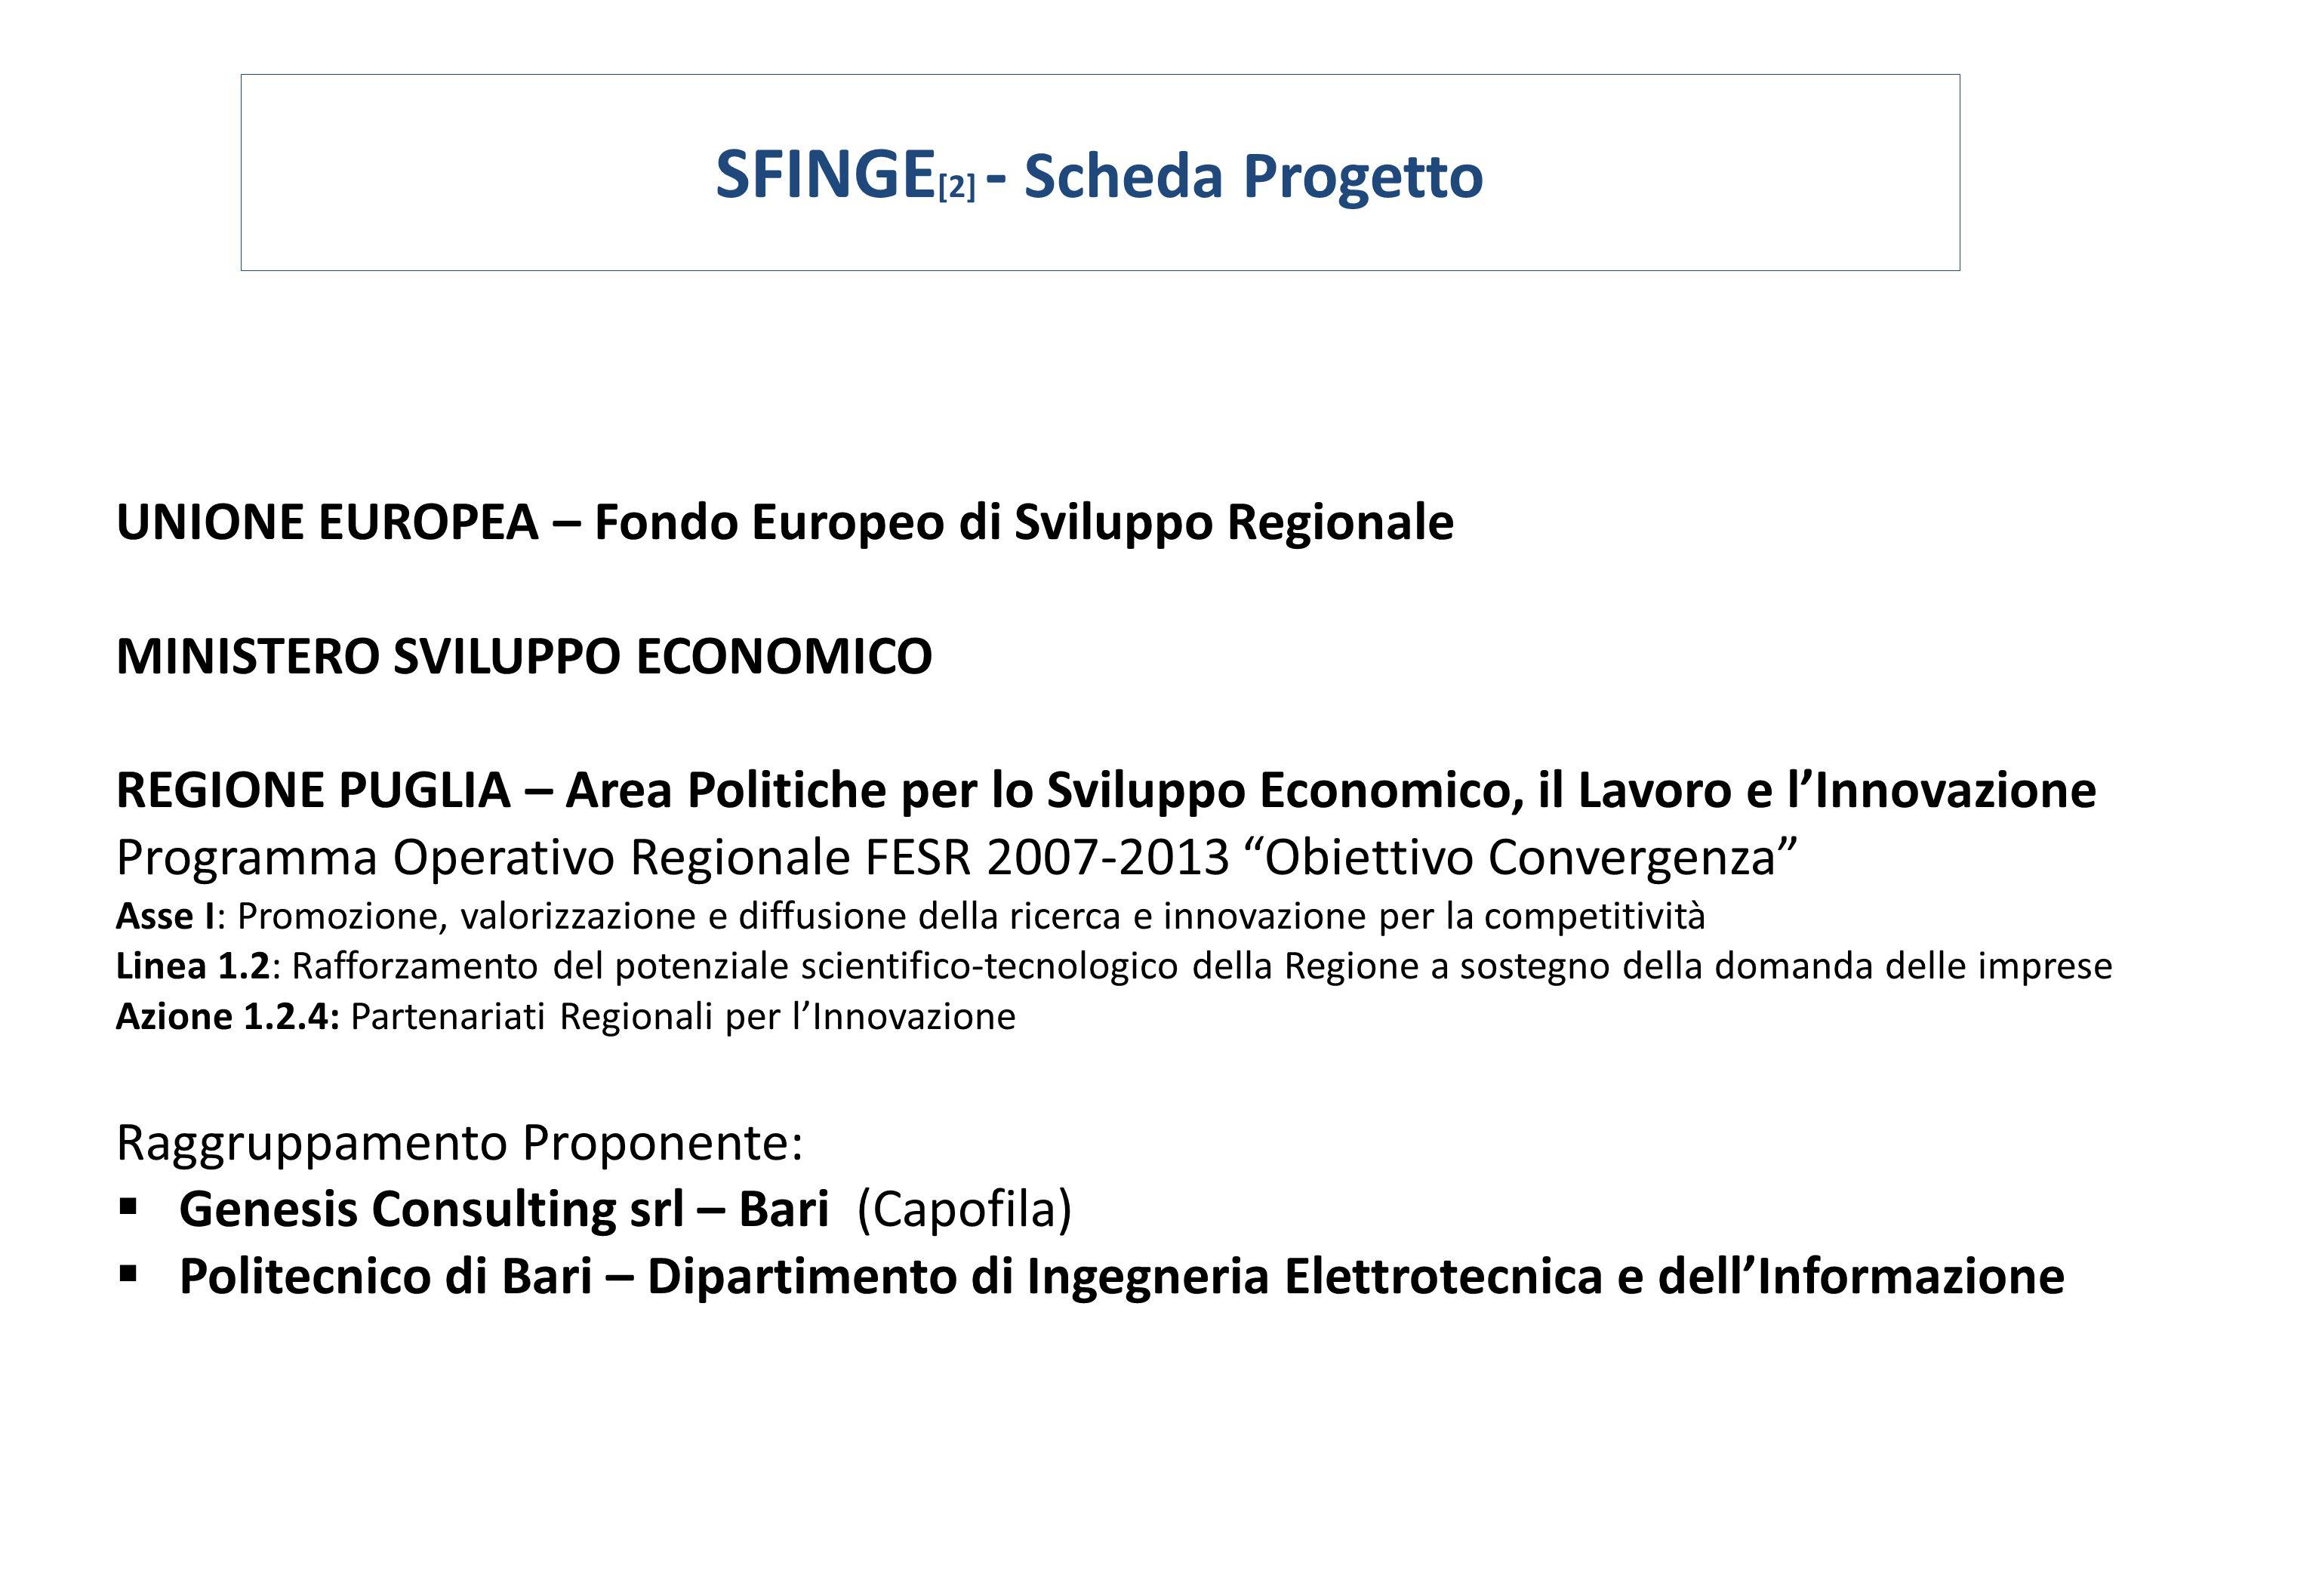 SFINGE[2] - Scheda Progetto